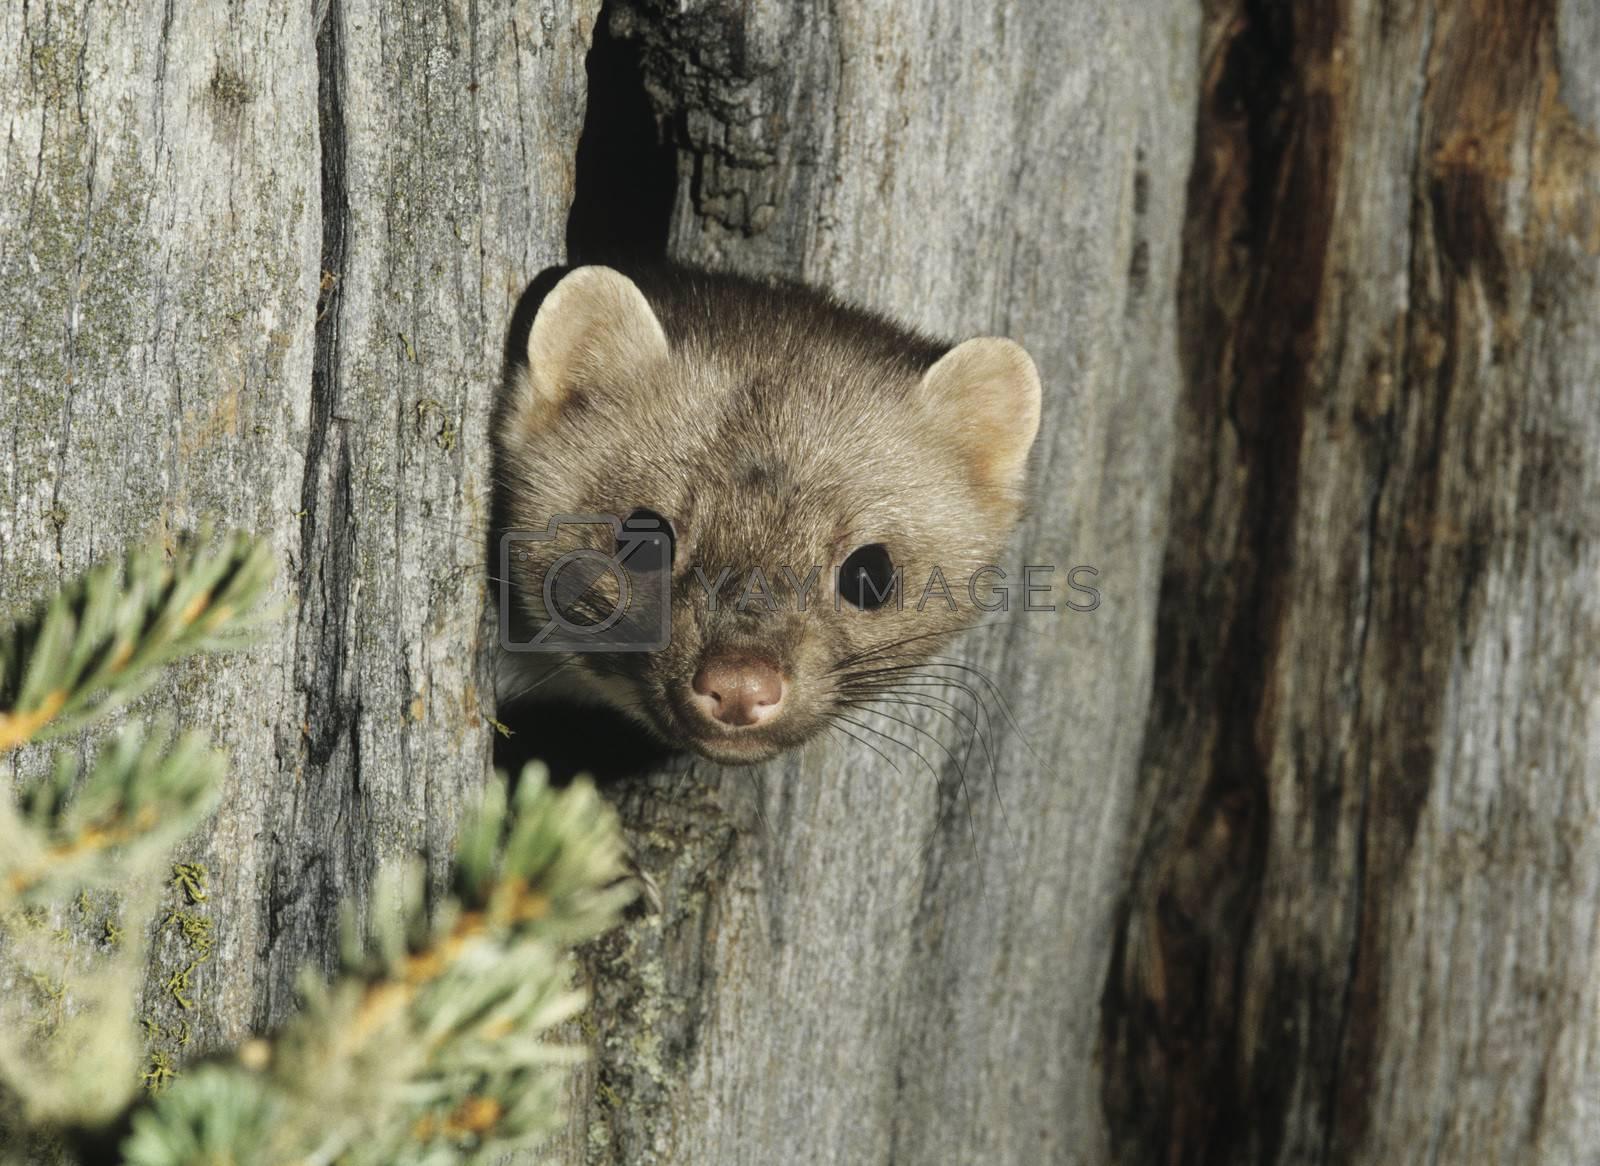 Weasel peeking from hollow tree